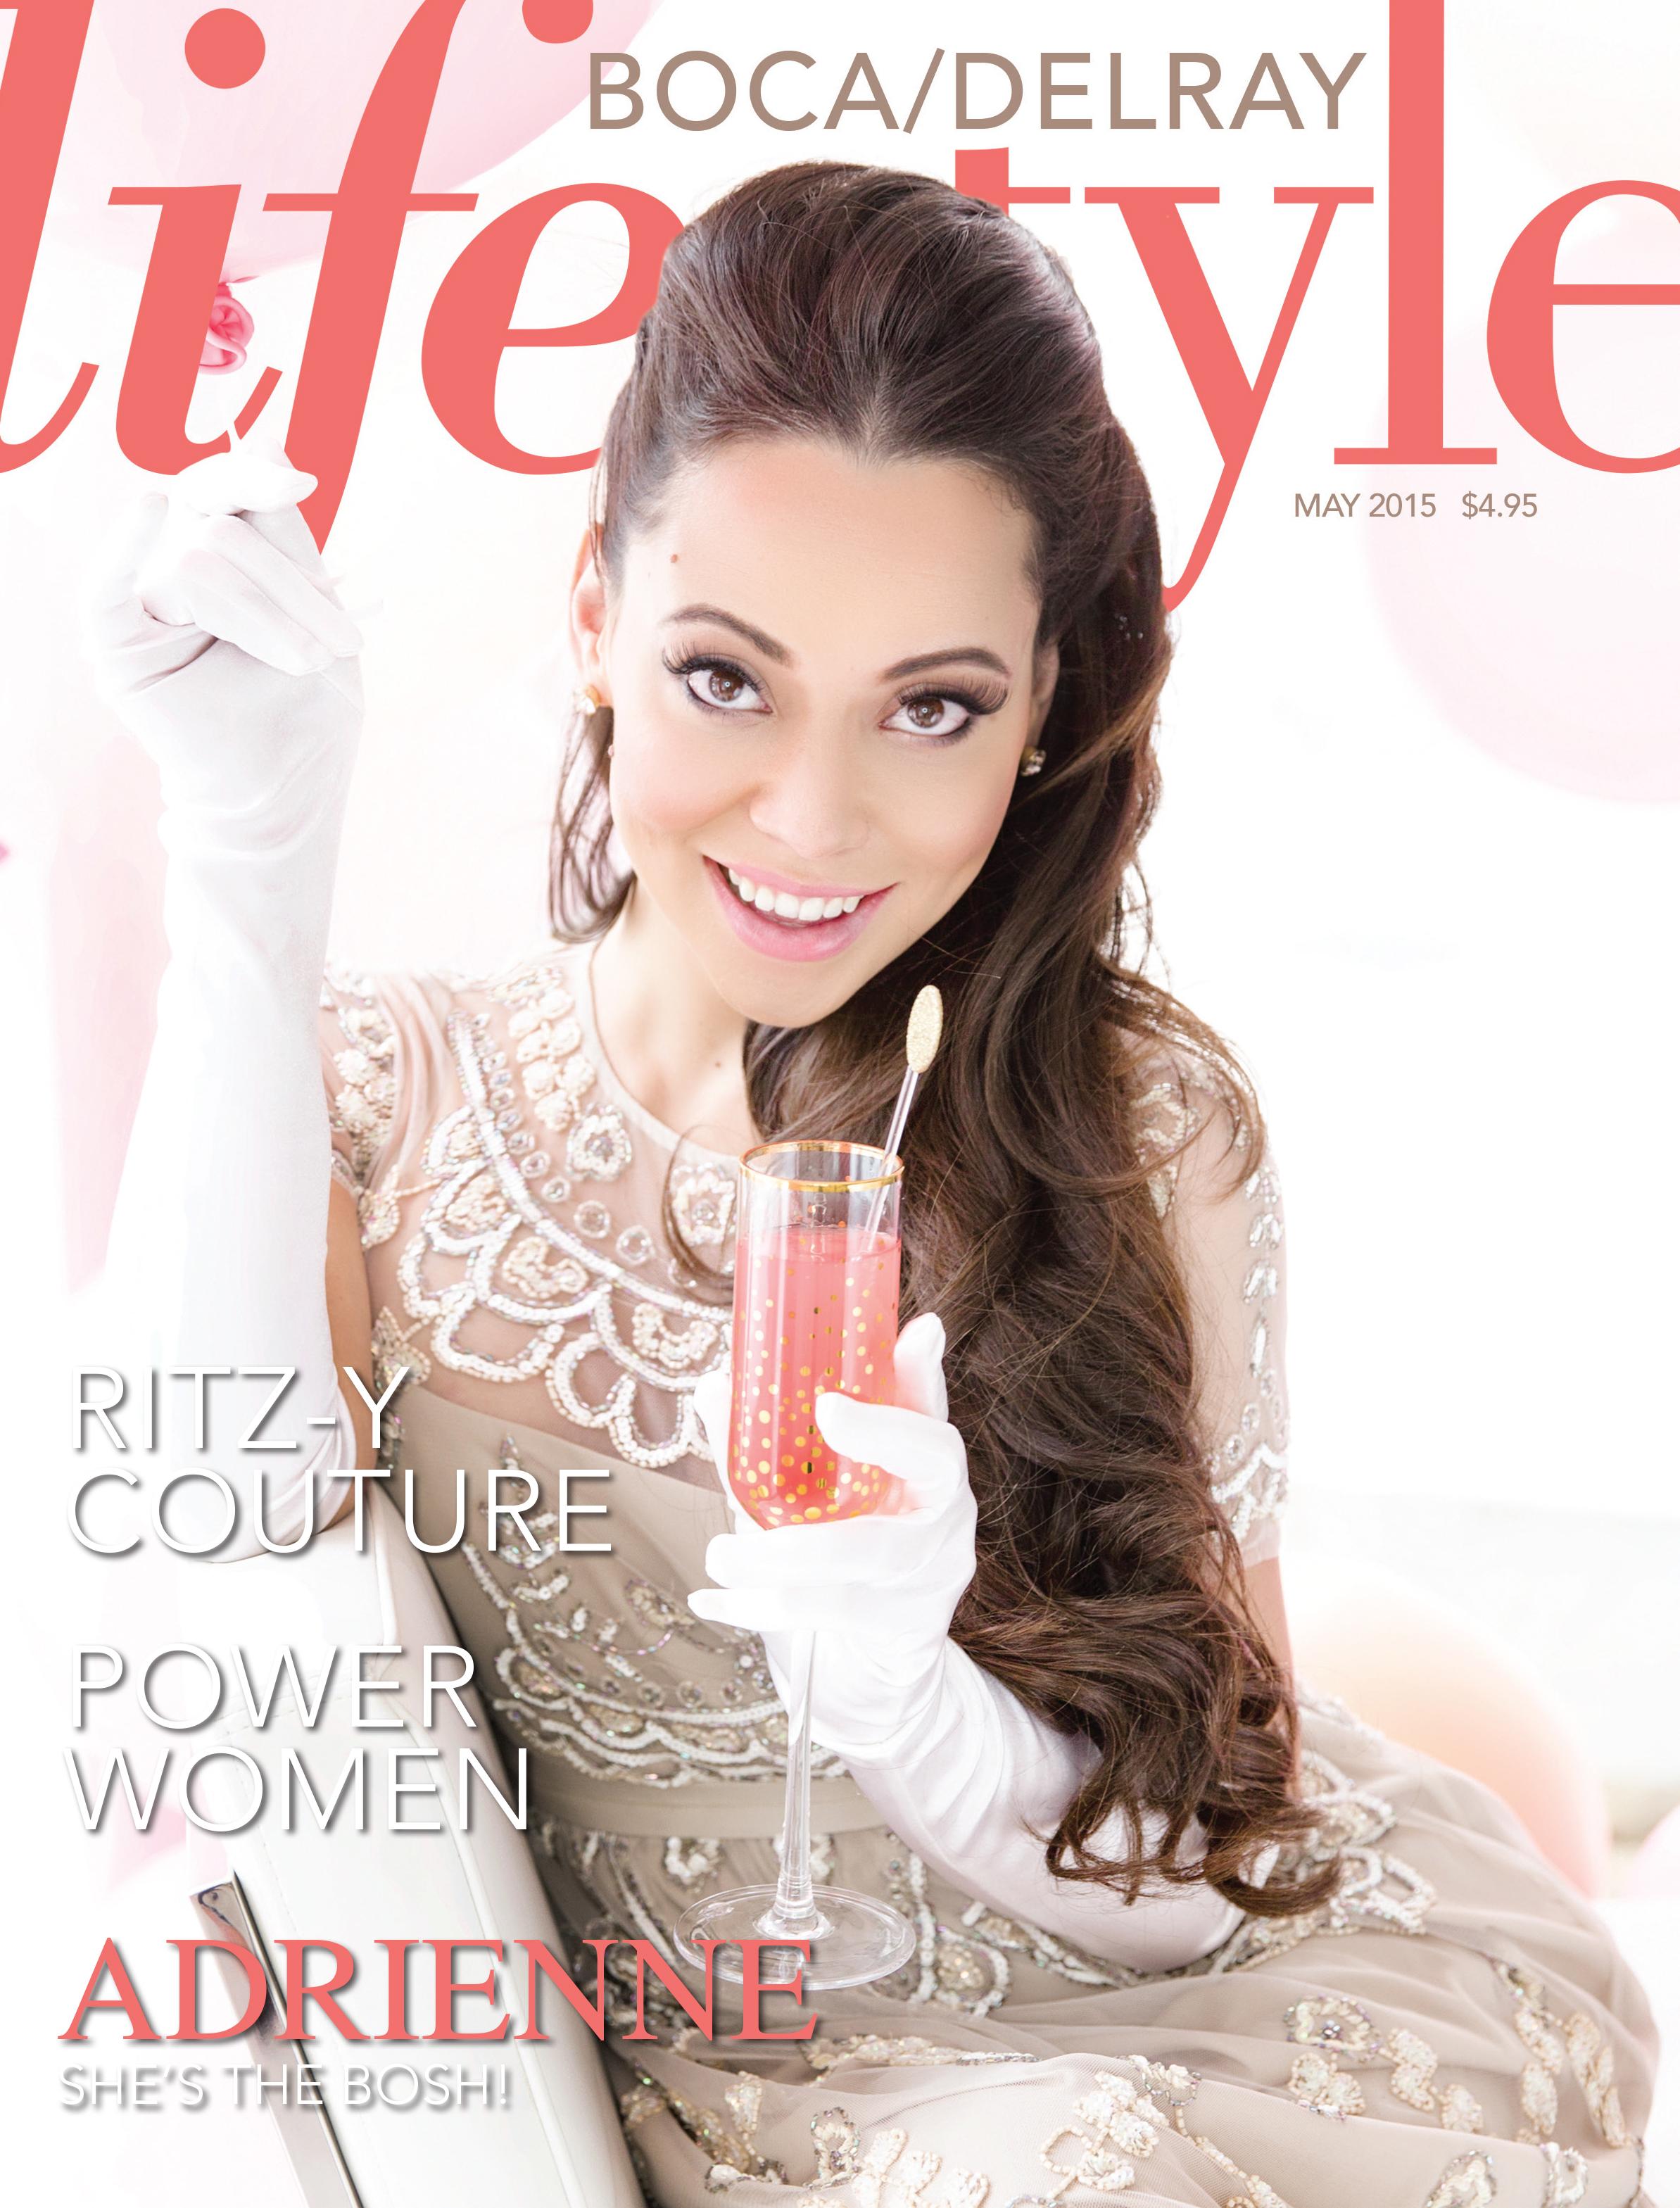 Boca Delray Lifestyle Magazine